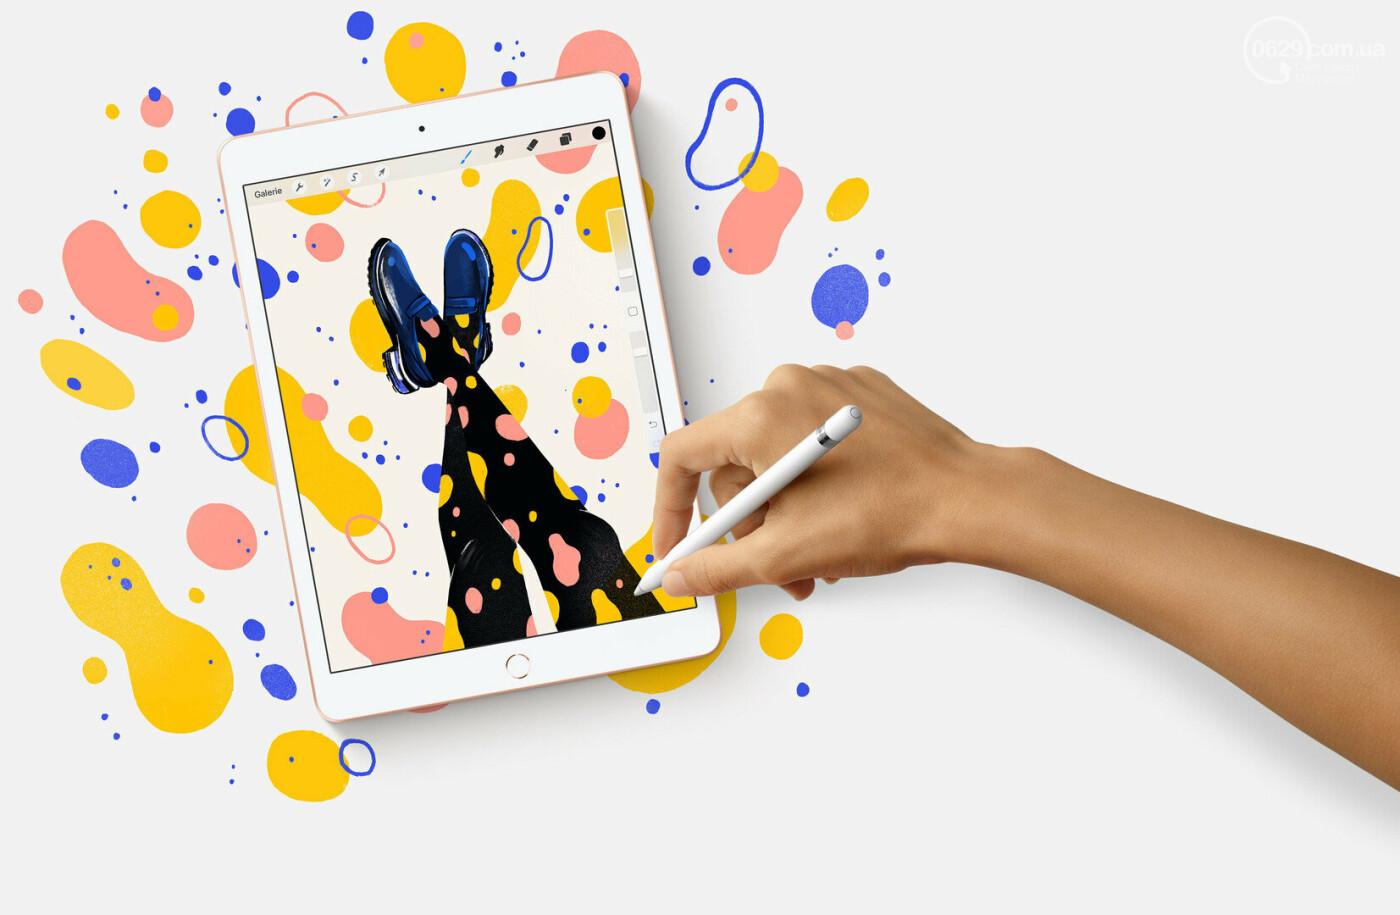 Не покидая шансов конкурентам: iPad июля 2019 - желанный планшет на E-Katalog, фото-1